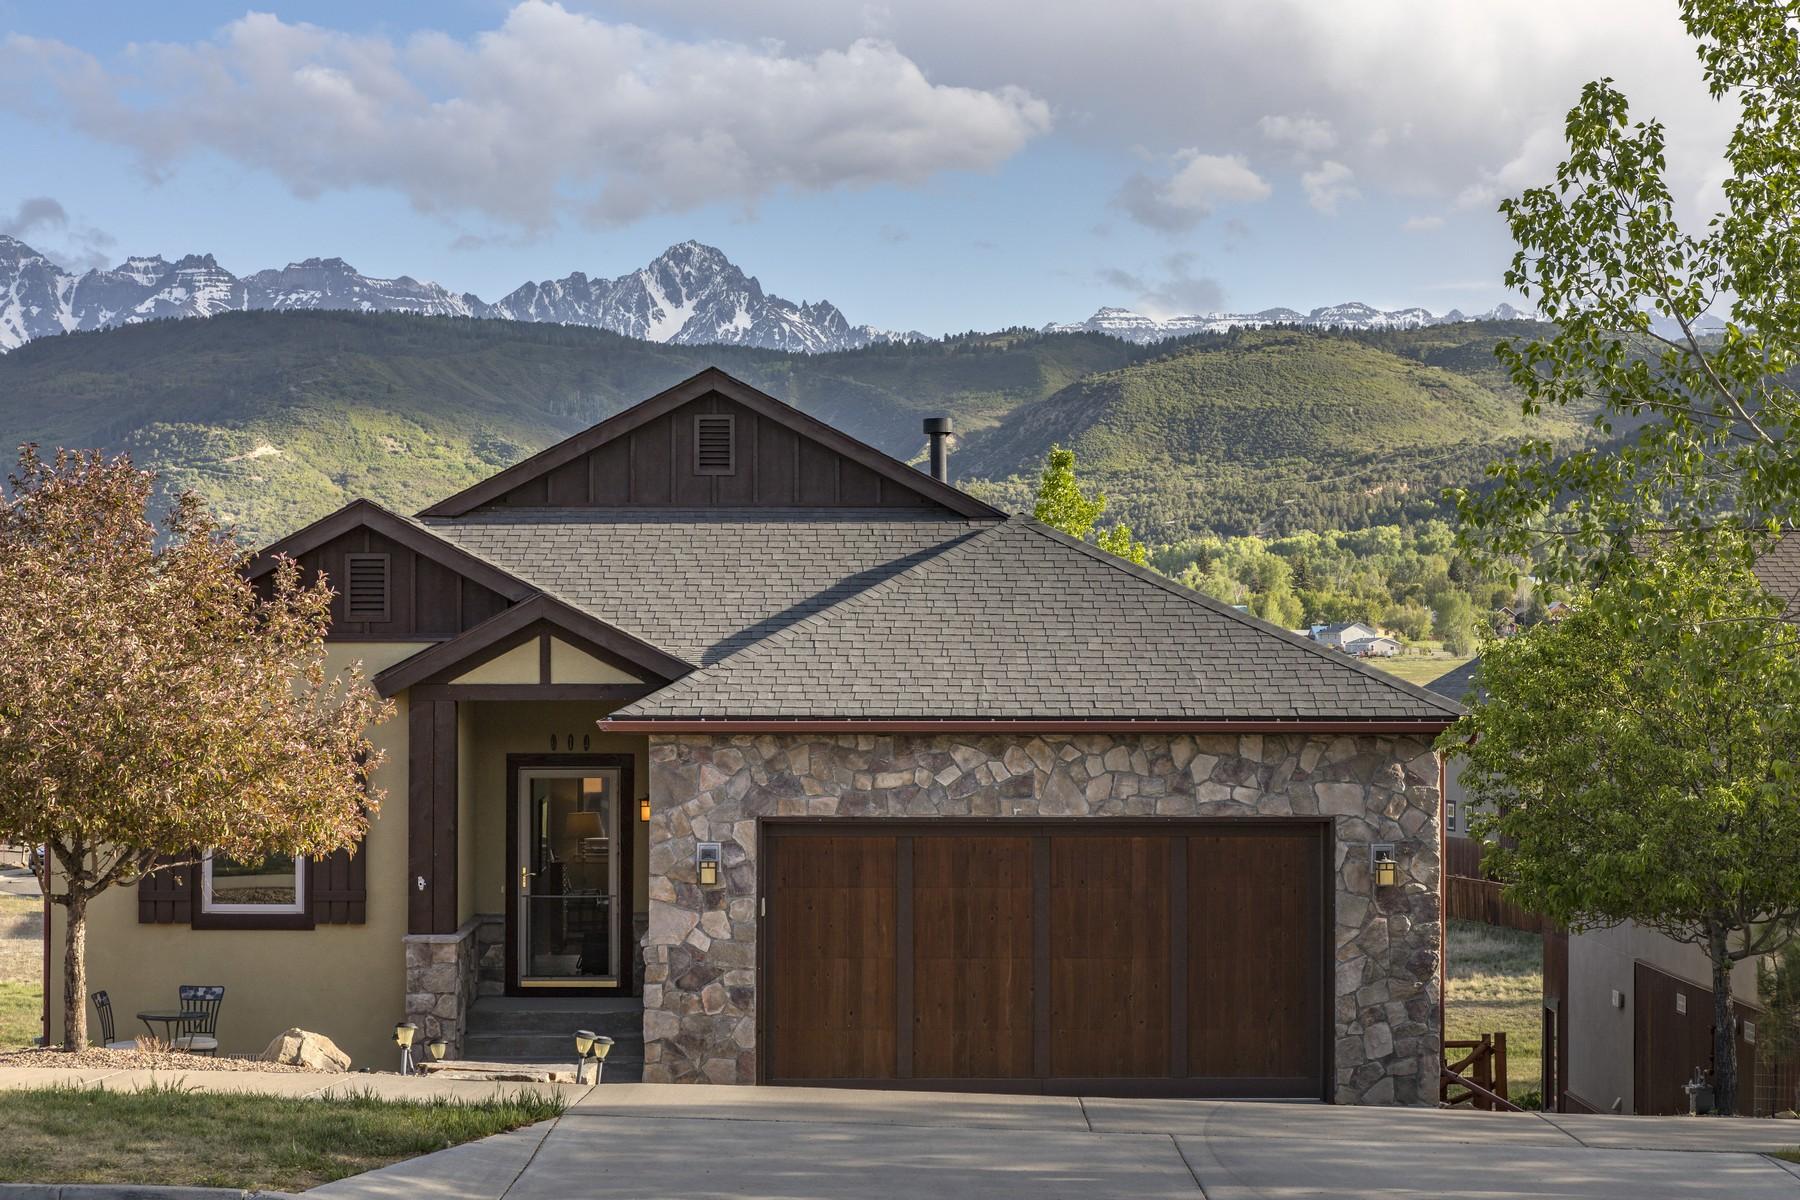 Casa Unifamiliar por un Venta en 614 River Park Drive 614 River Park Drive Ridgway, Colorado 81432 Estados Unidos